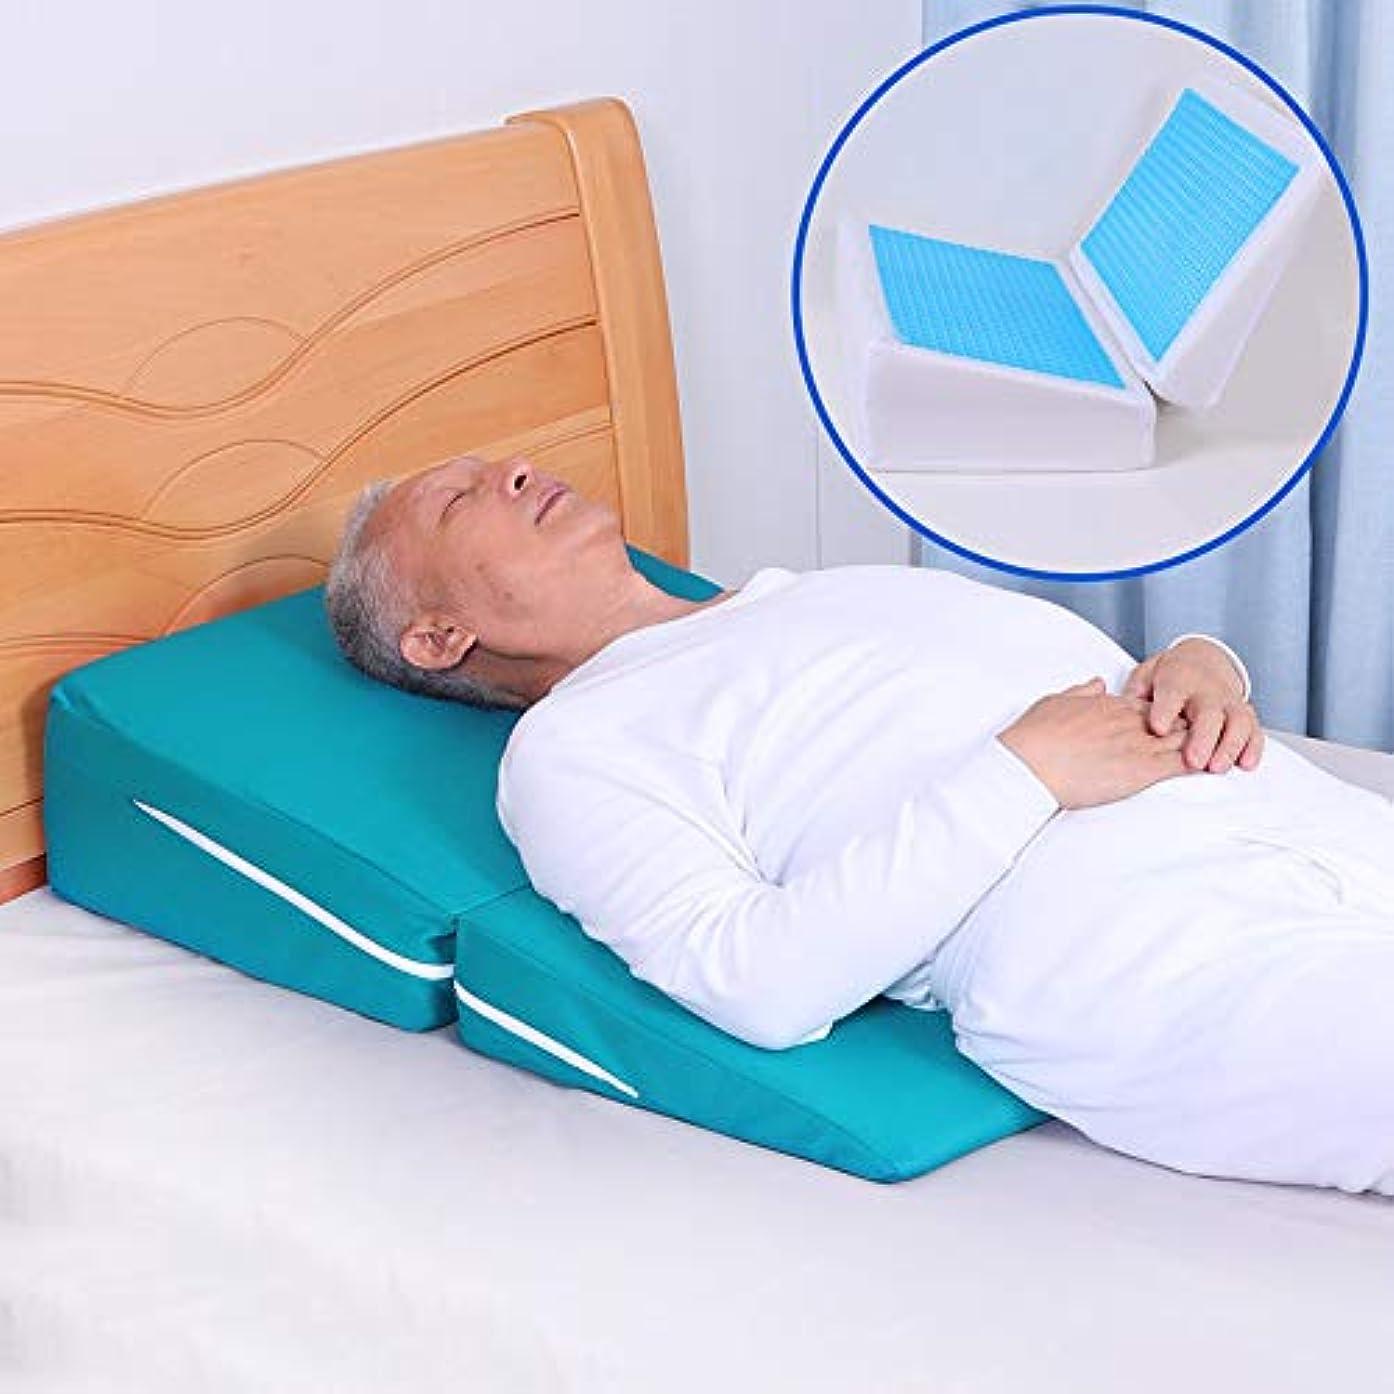 お願いしますコットン入植者いびき防止、ハートバーン、読書、腰痛、腰痛のための折りたたみ式メモリフォームベッドウェッジピロー-取り外し可能なカバー付きインクラインクッション